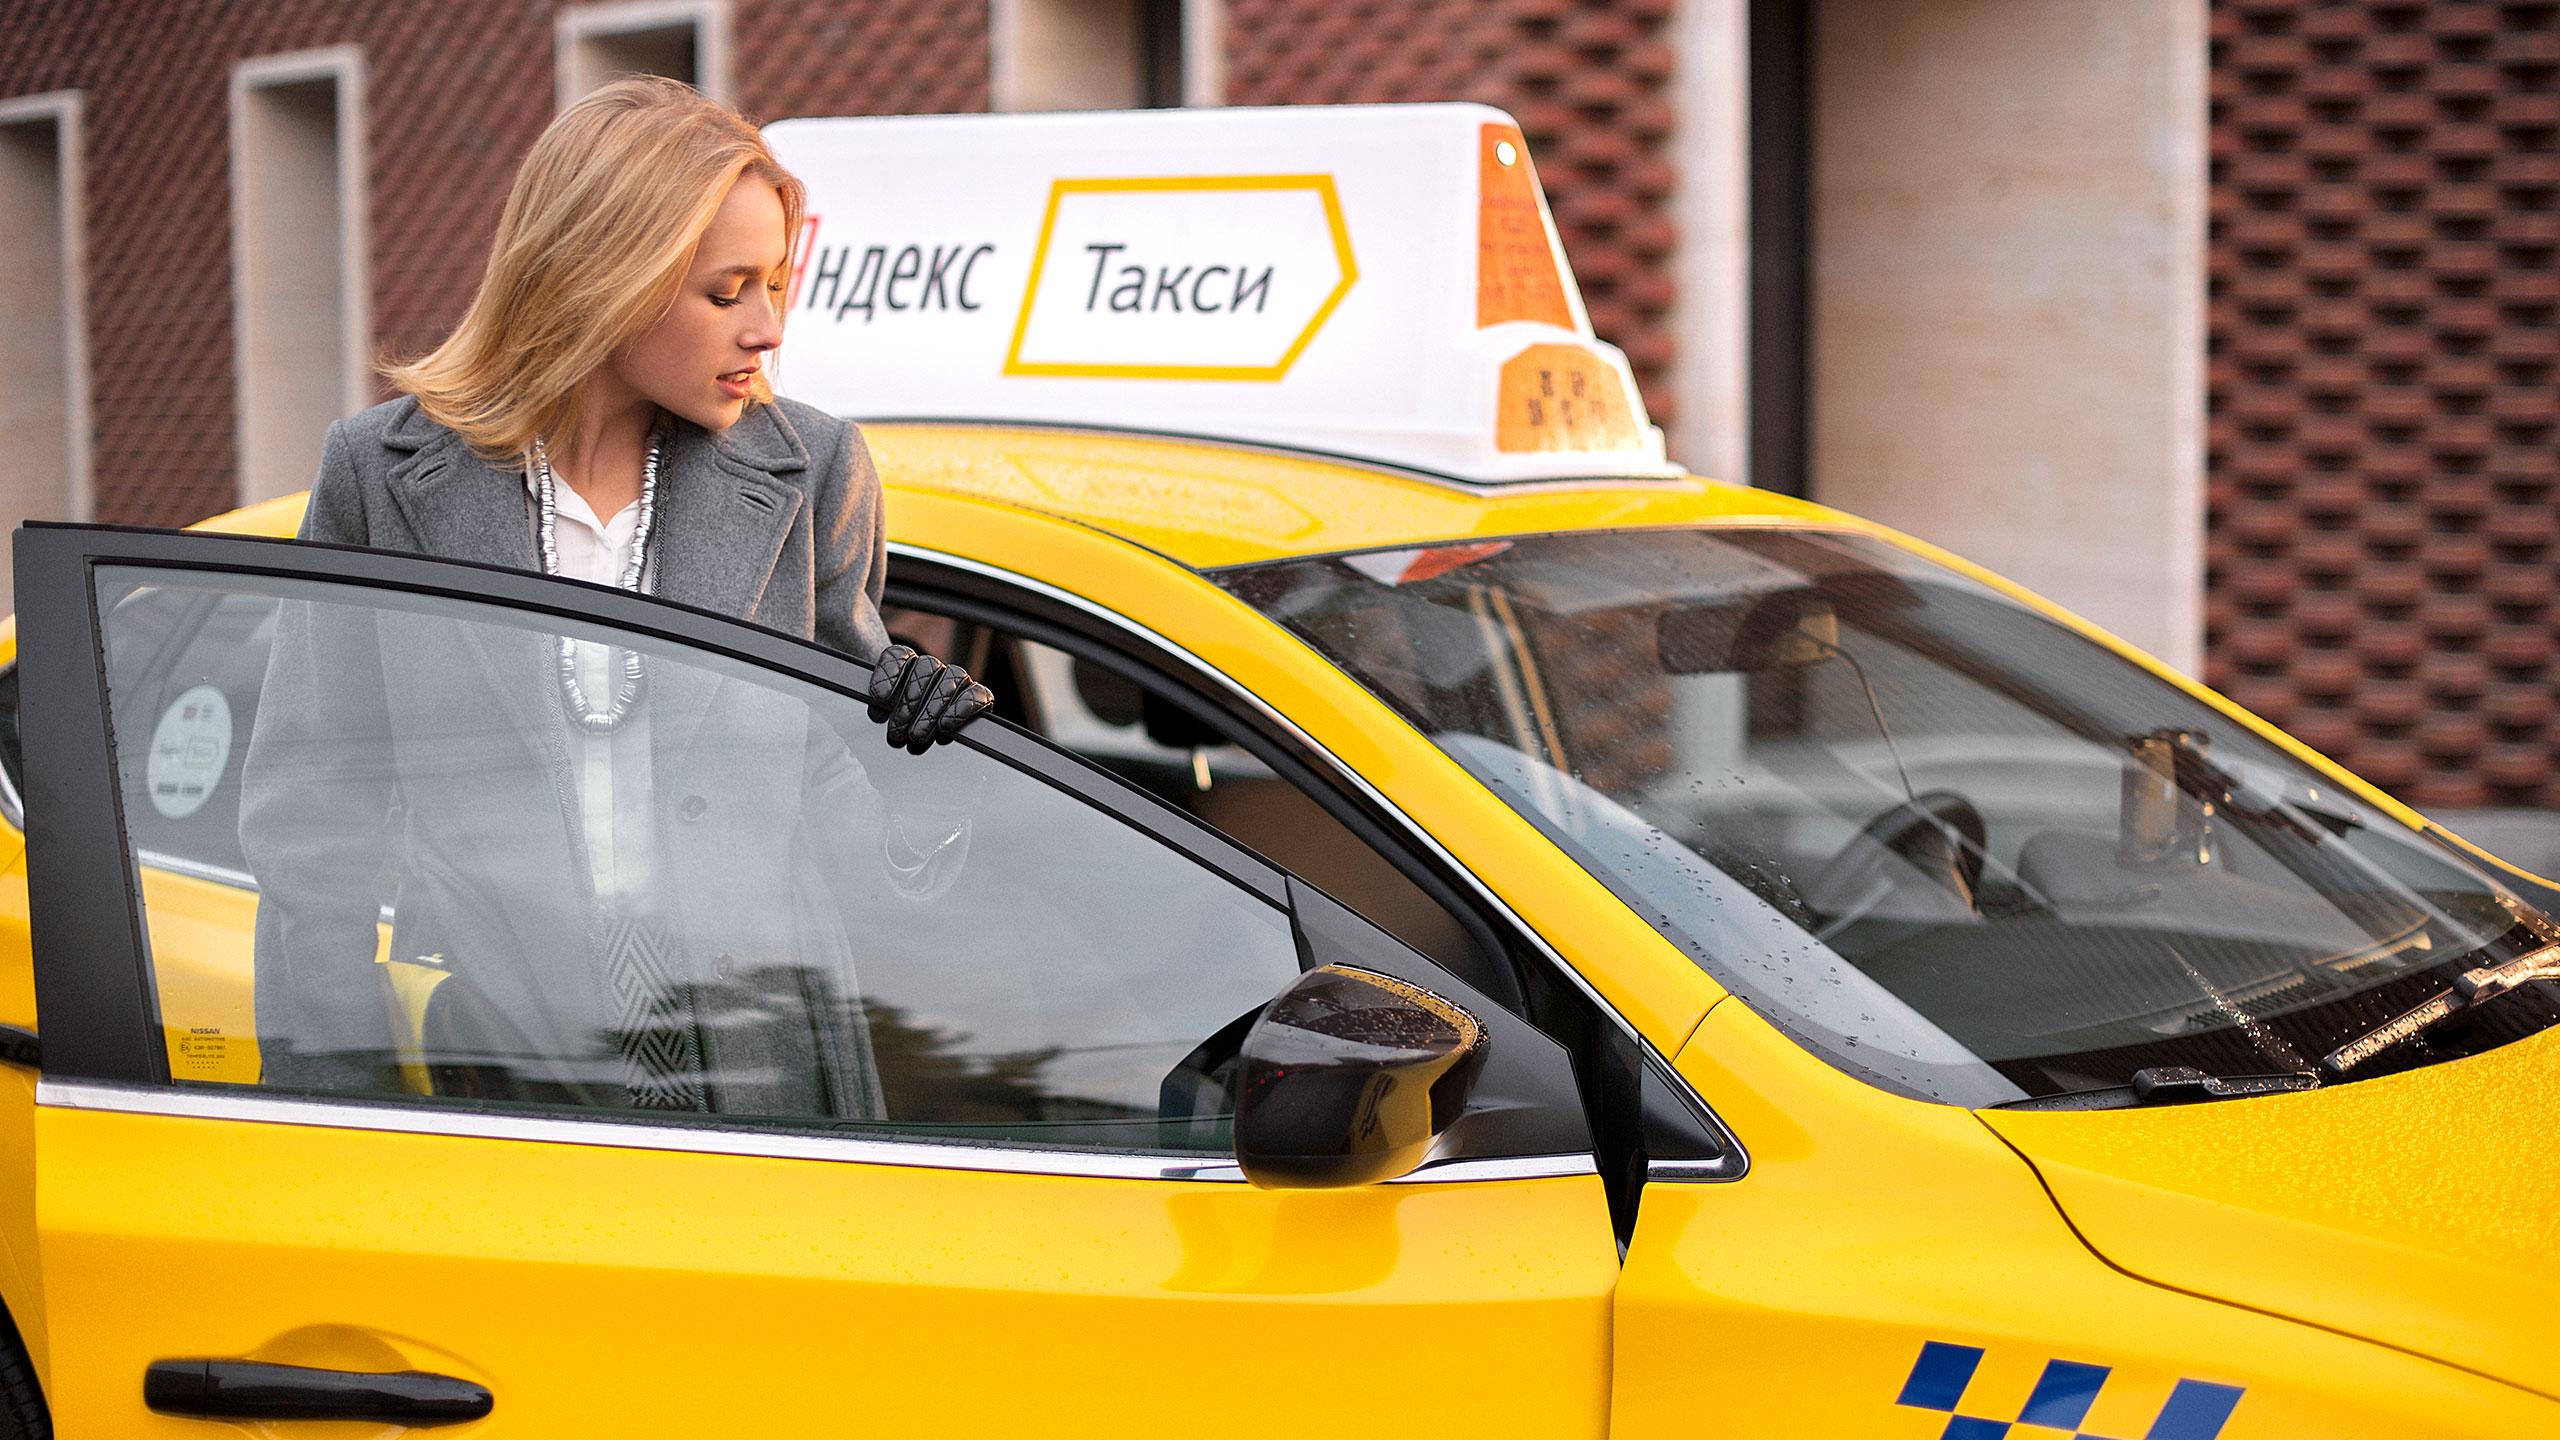 Yandex Taxi